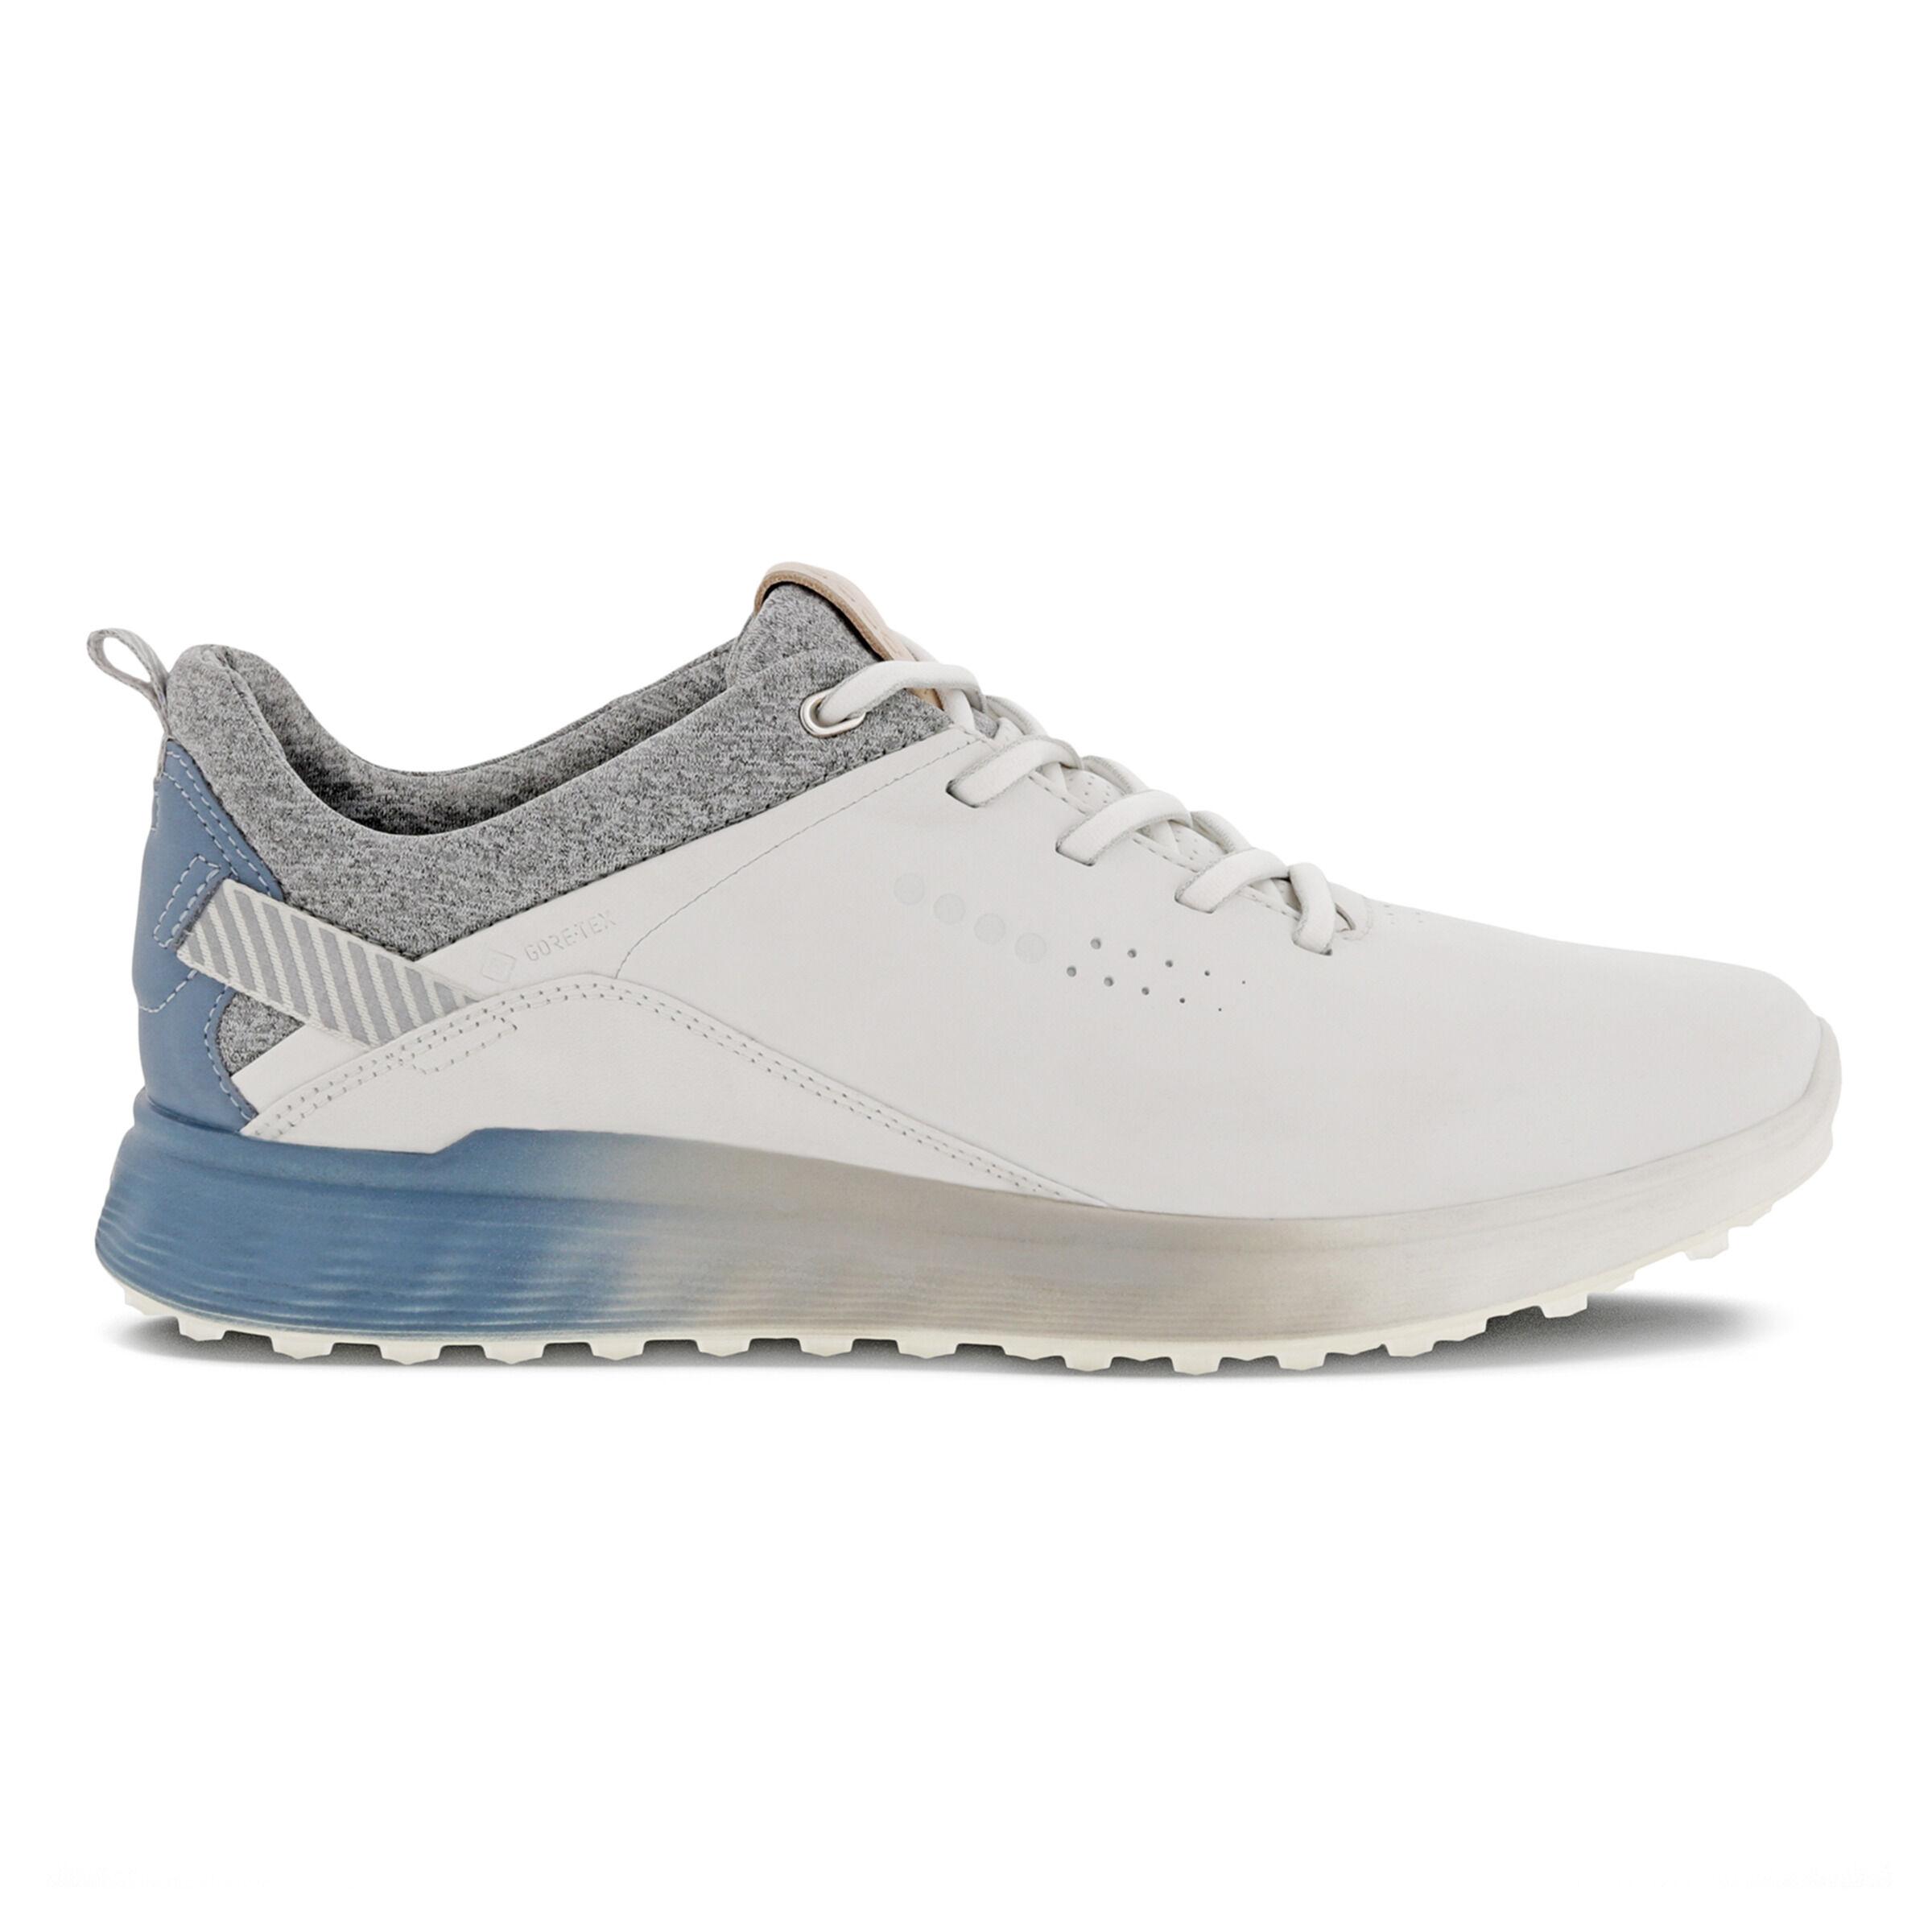 에코 우먼 골프화 ECCO Womens S-Three Spikeless Golf Shoes,WHITE/MIRAGE